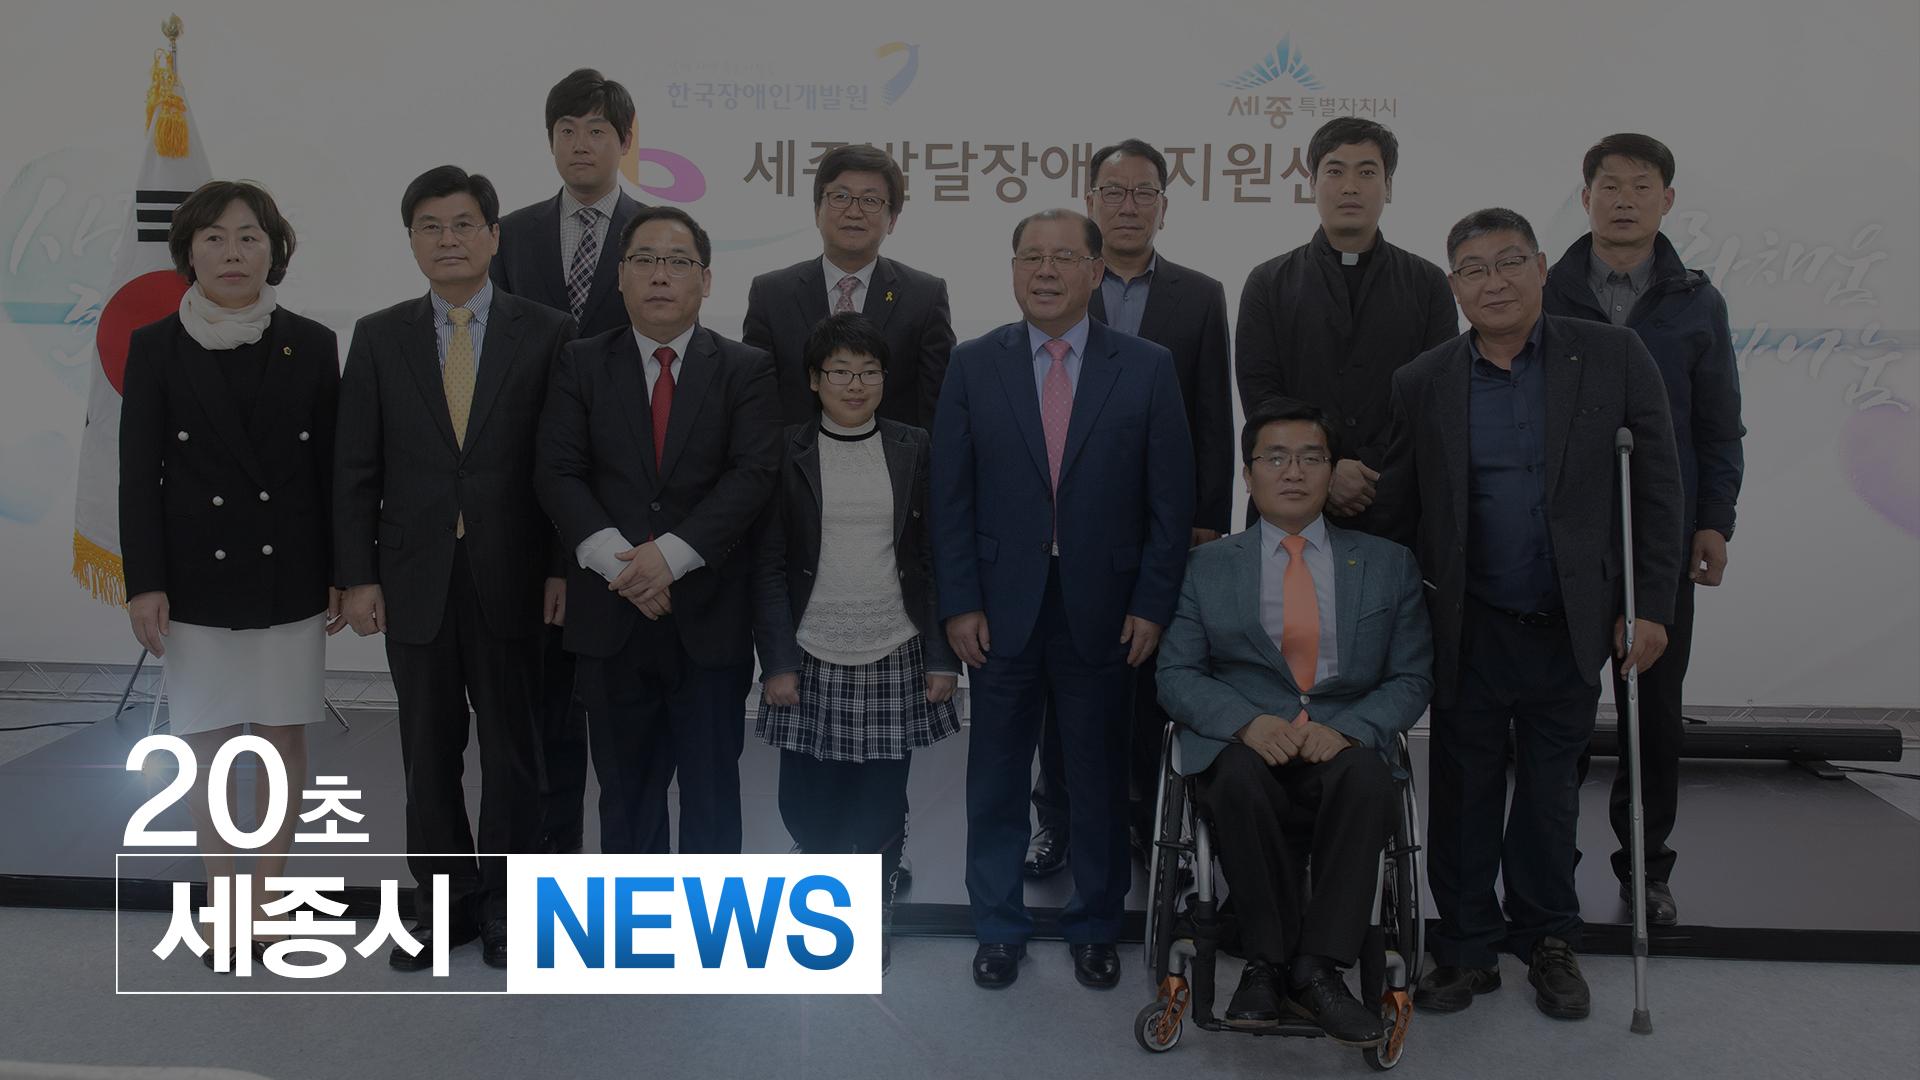 <20초뉴스> 세종시 발달장애인지원센터 개소